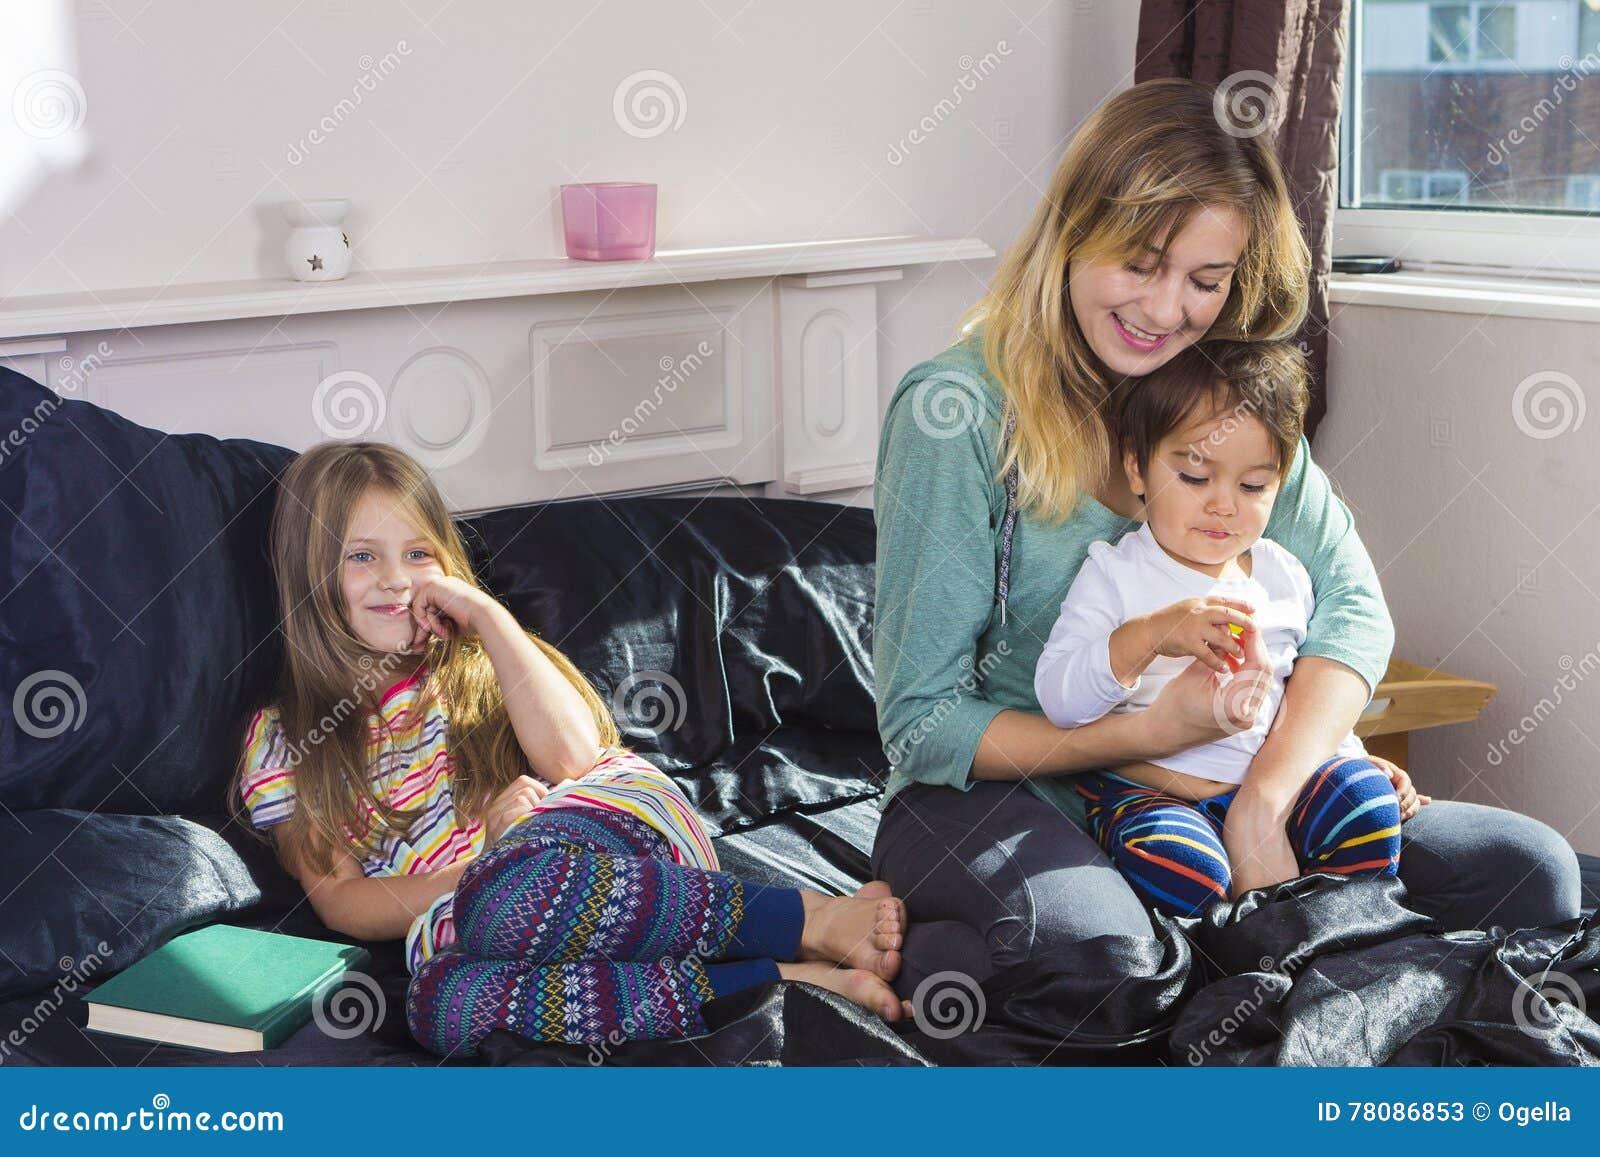 Familienporträt im Bett zu Hause